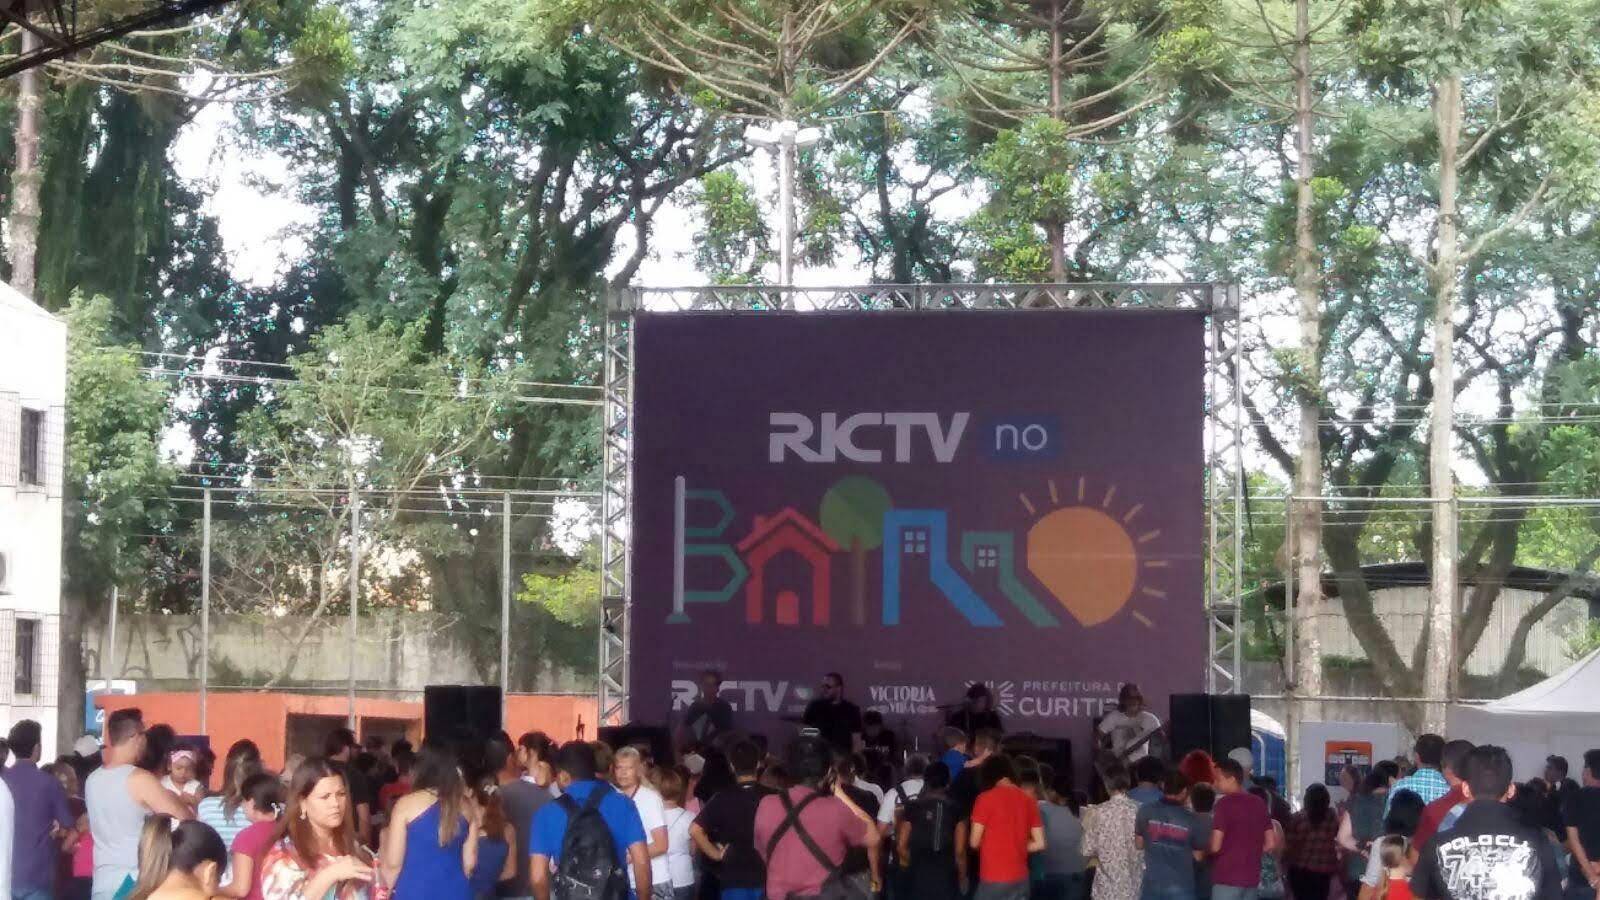 d1374efb6bc9b ... do Pinheirinho recebe o RICTV no Bairro - projeto da RICTV   Record TV  que leva prestação de serviços gratuitos e diversão para a comunidade. O  evento ...